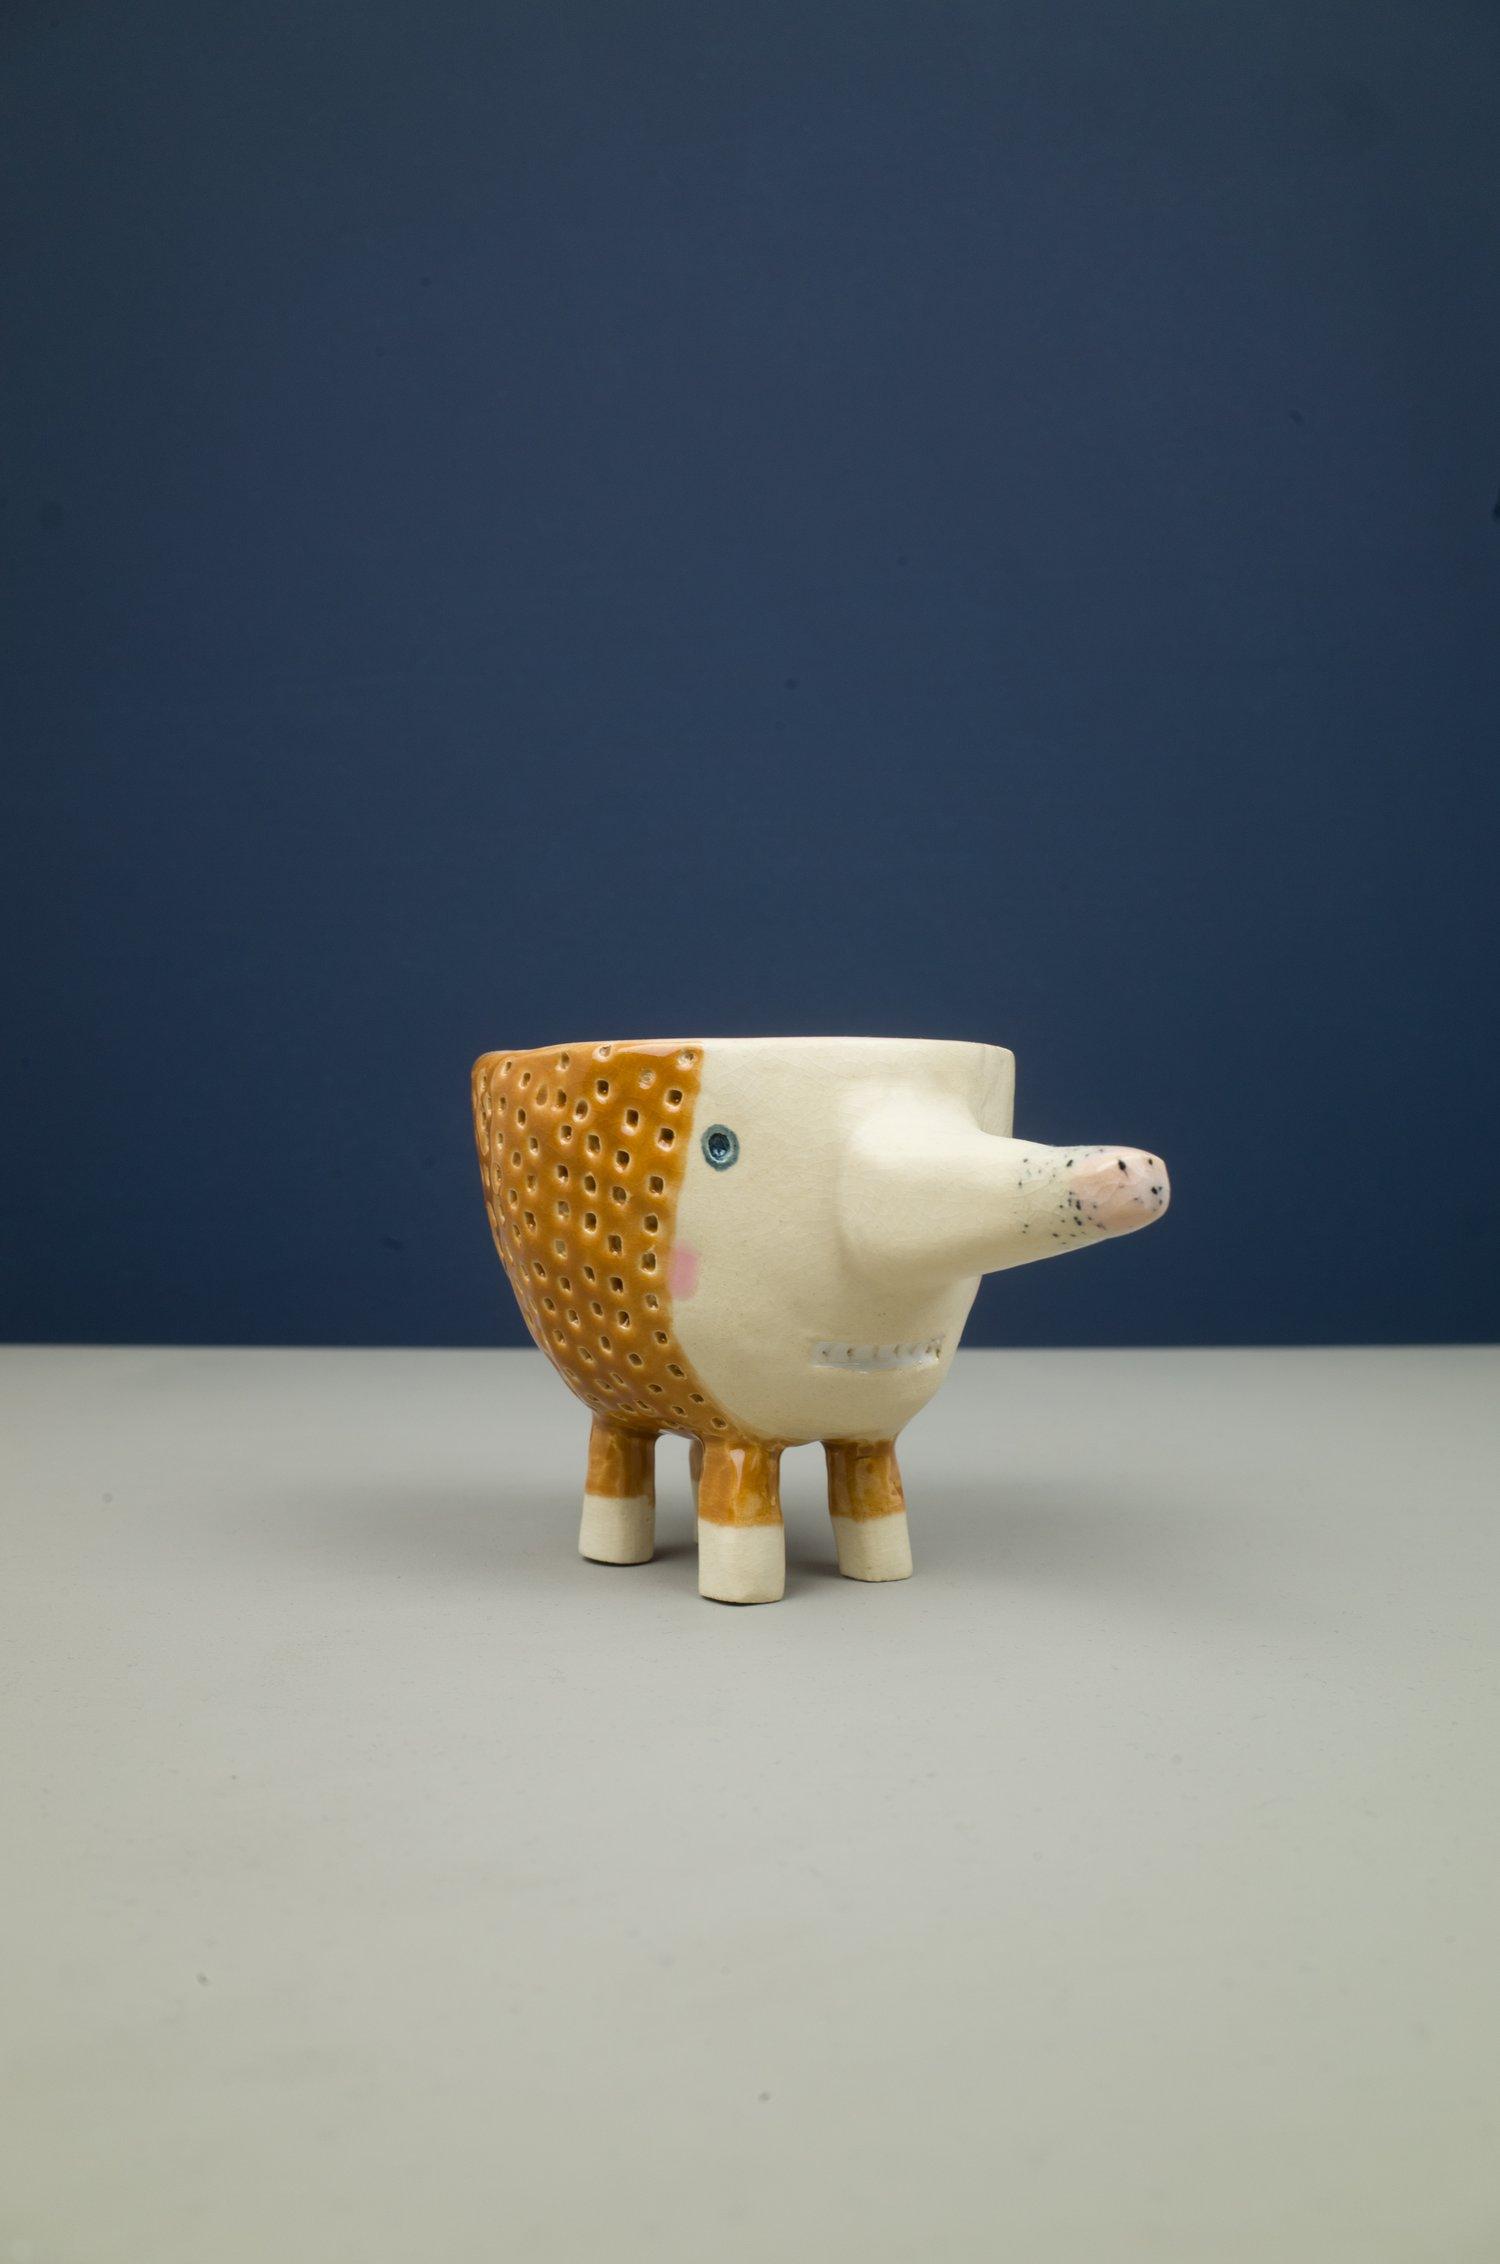 Image of Jar Creature No. 6